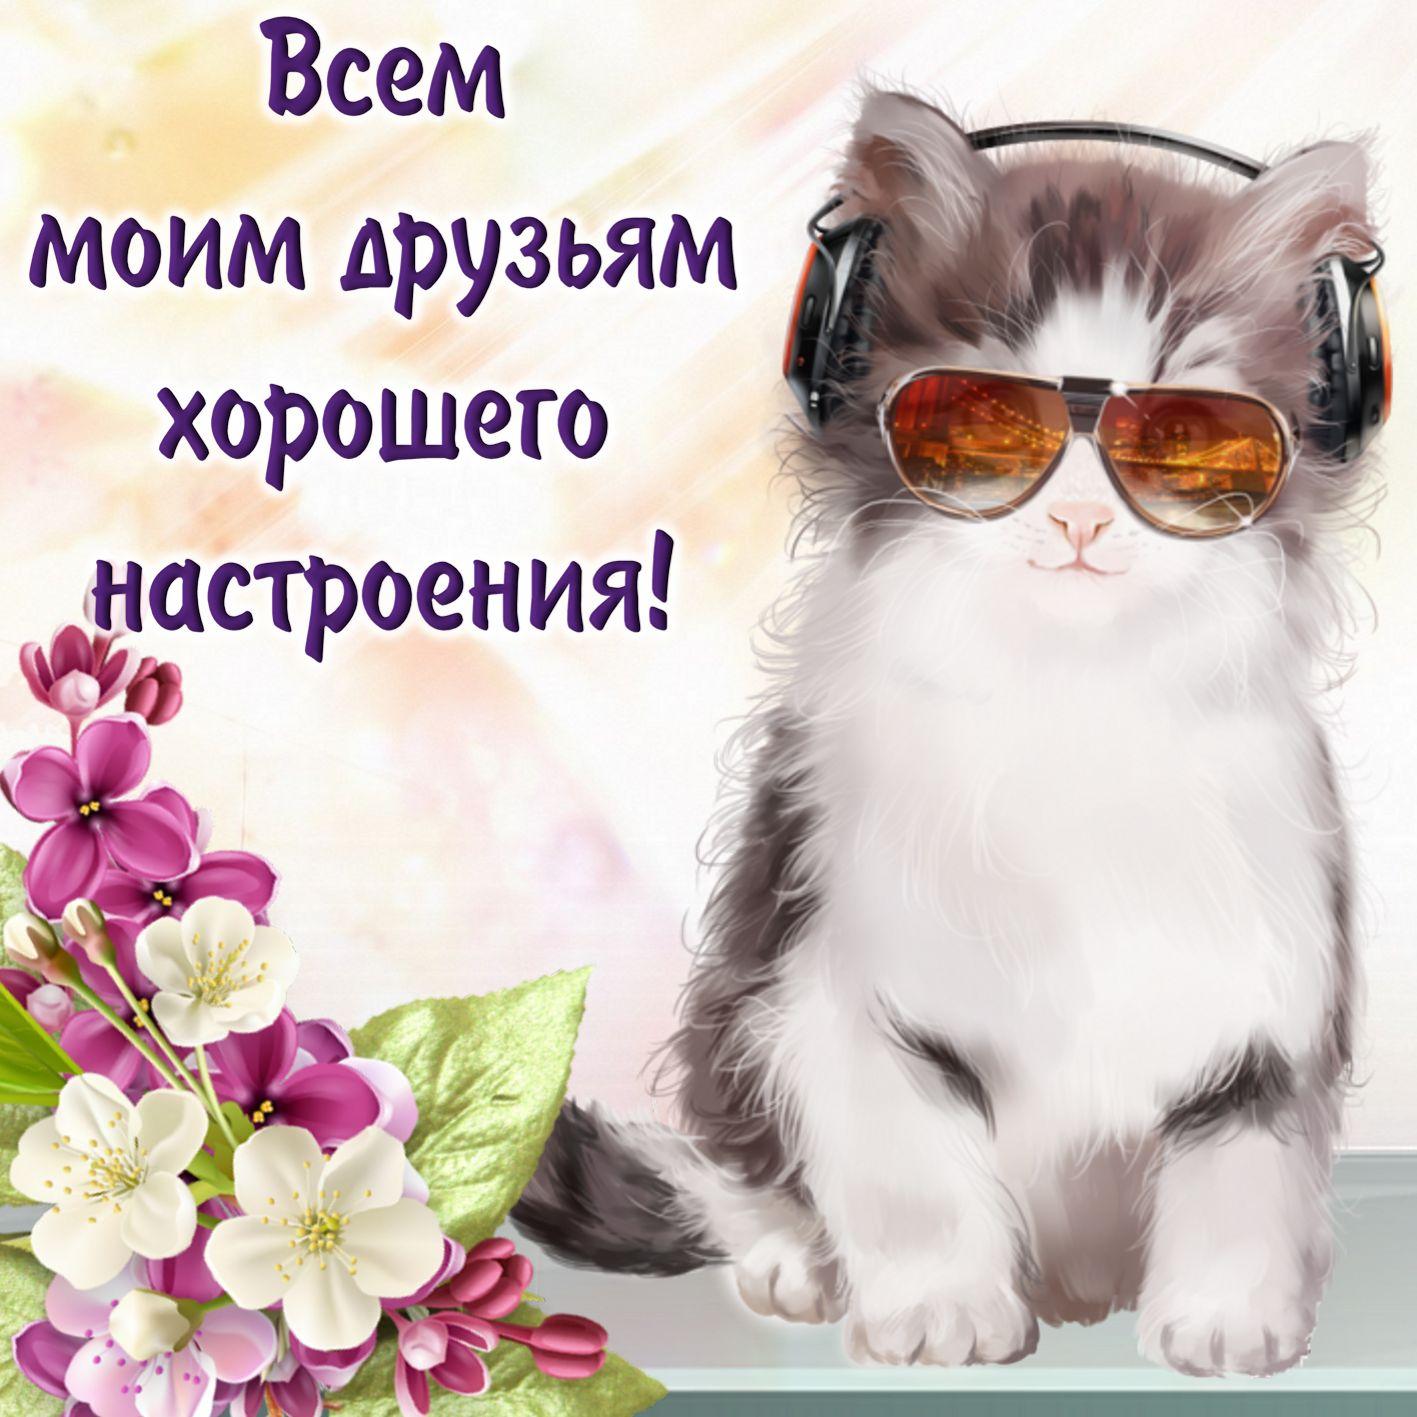 Прикольные картинки пожелания удачи и хорошего настроения, приколы апельсин открытки